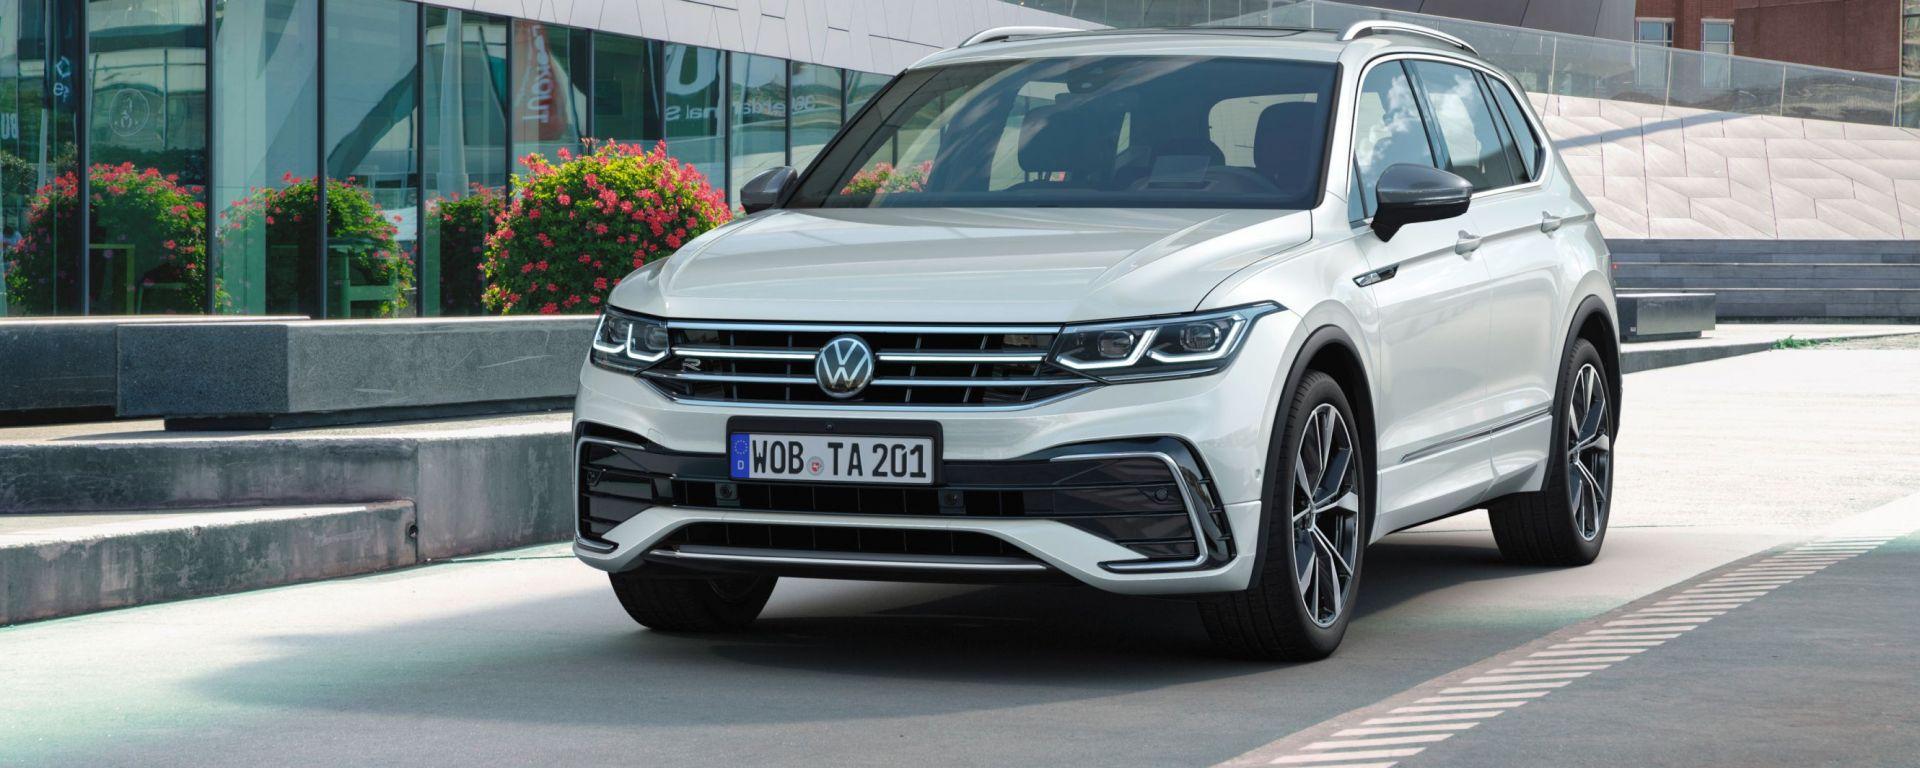 Nuova Tiguan Allspace 2021: aperti gli ordini del nuovo SUV tedesco